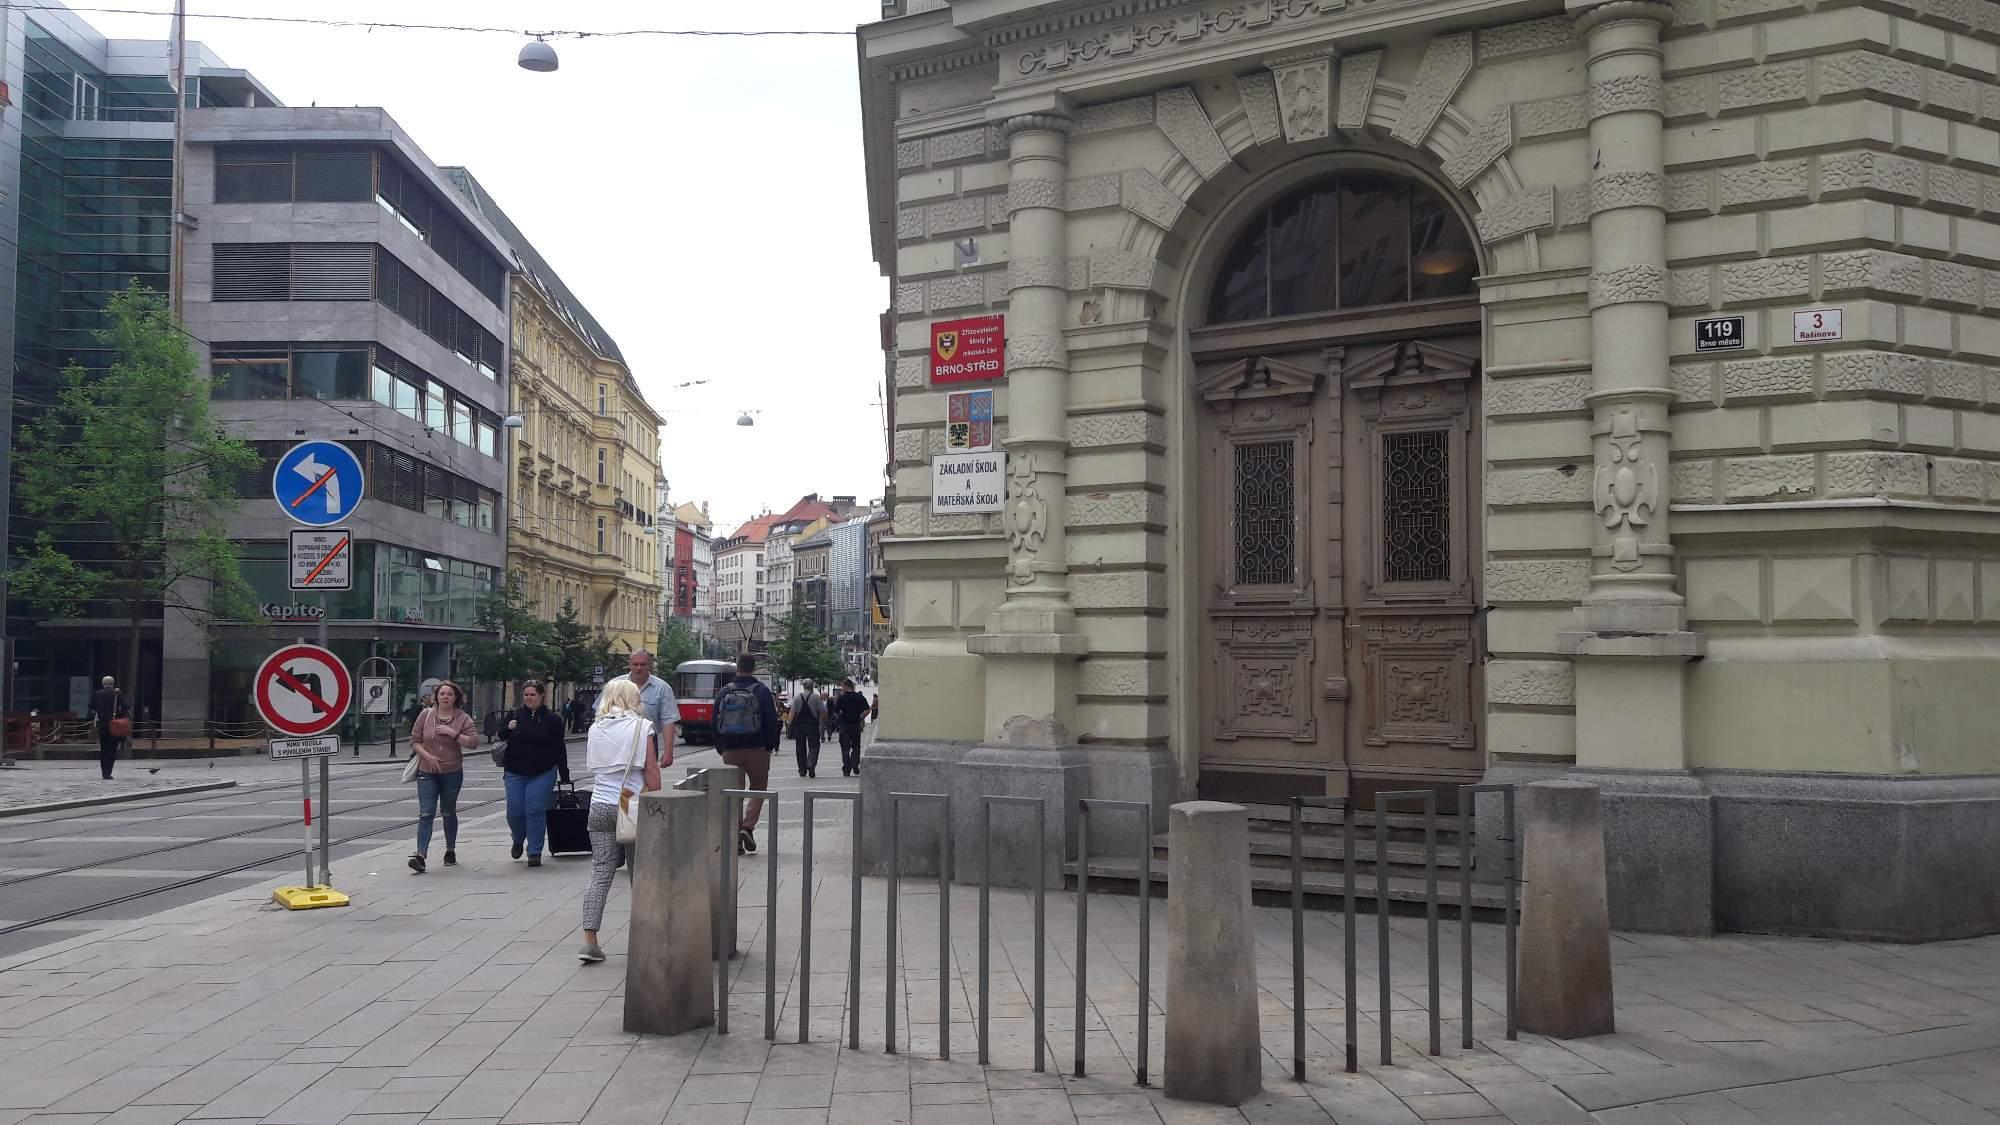 Základní škola v Brně. Ilustrační fotografie. Foto: Pavlína Černá